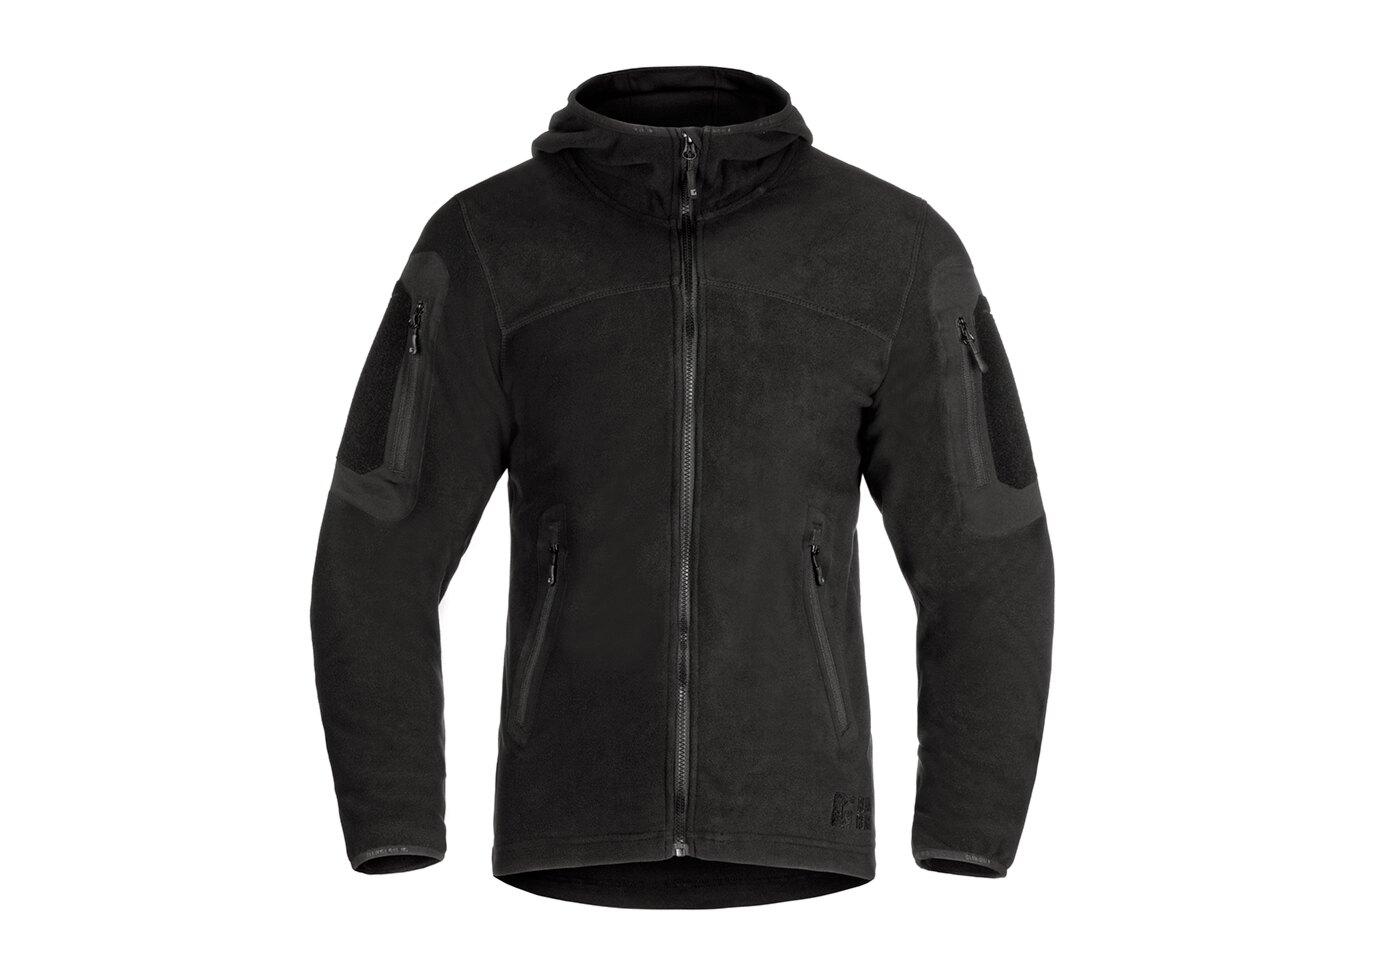 Fleecová mikina CLAWGEAR® Aviceda Hoody MK II - čierna (Farba: Čierna, Veľkosť: S)